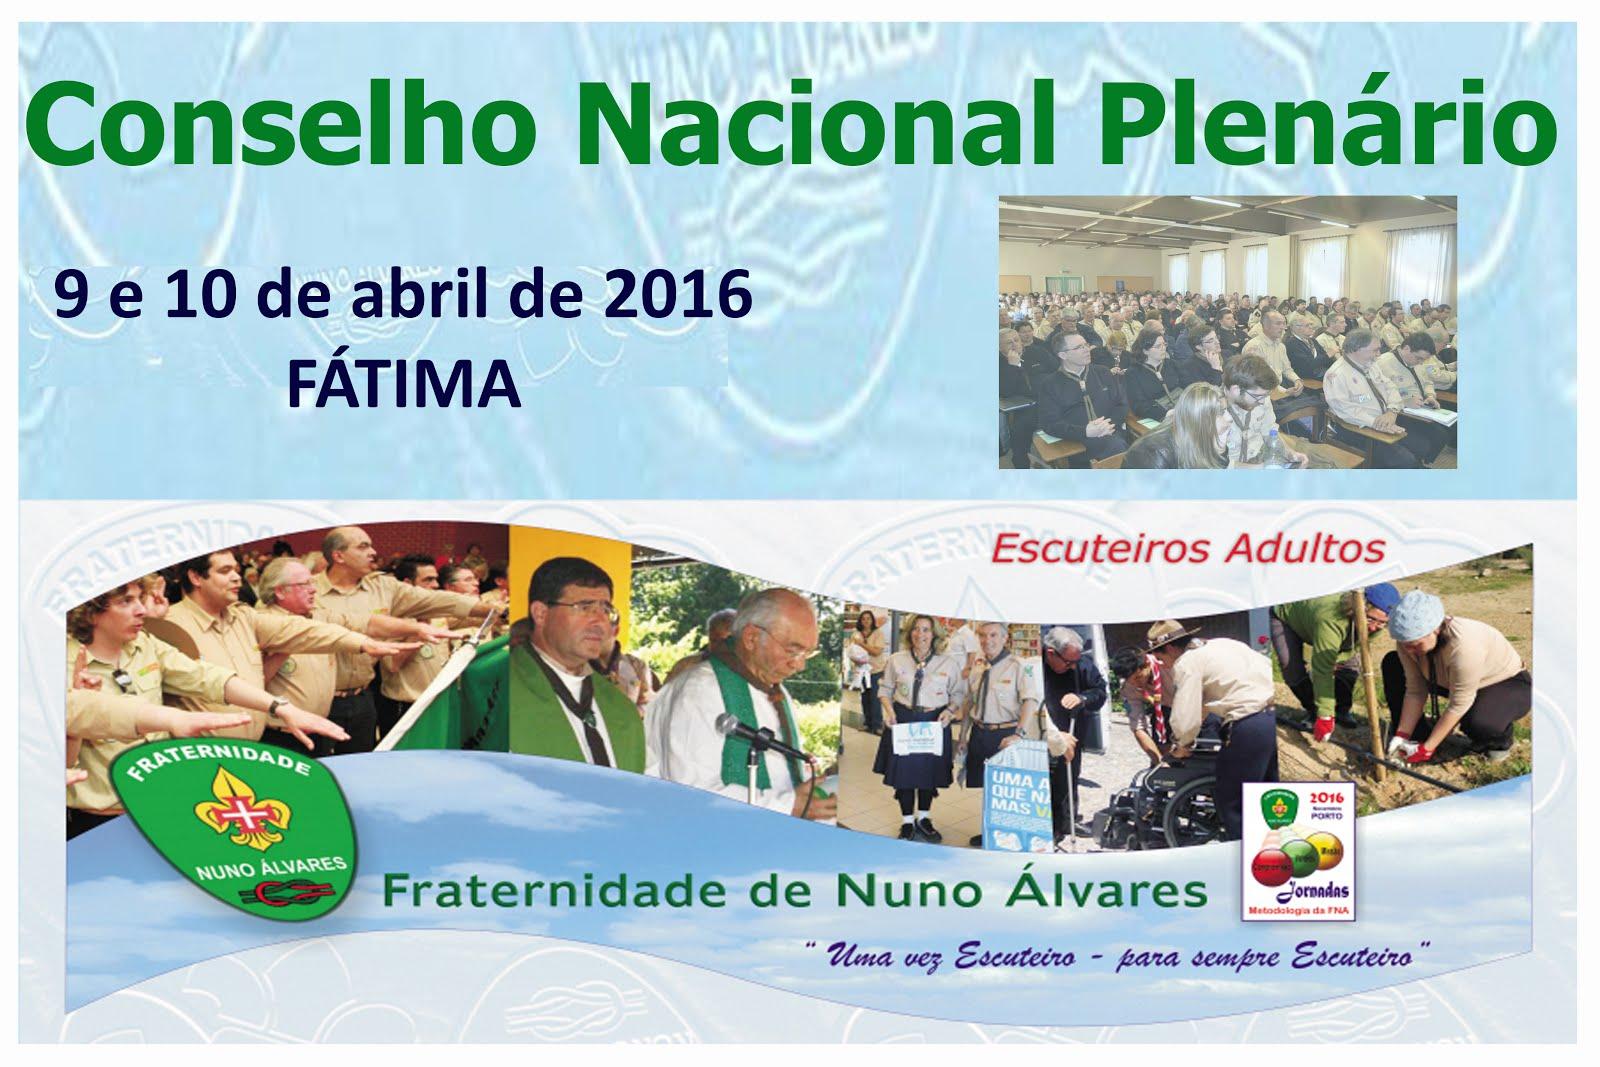 Conselho Nacional Plenário